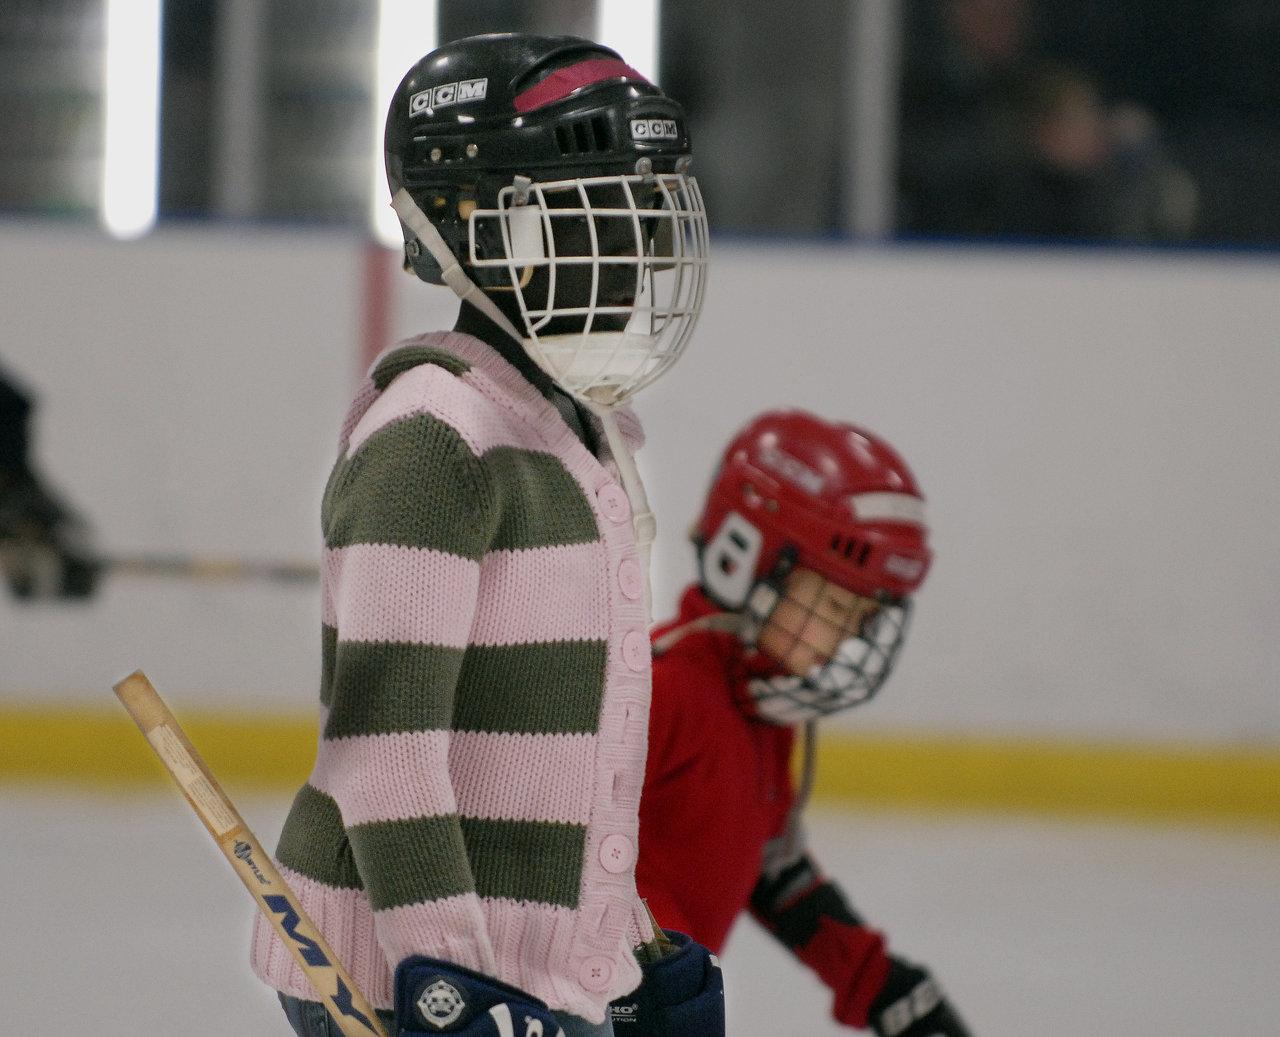 HockeyTrust08_044-11.jpg